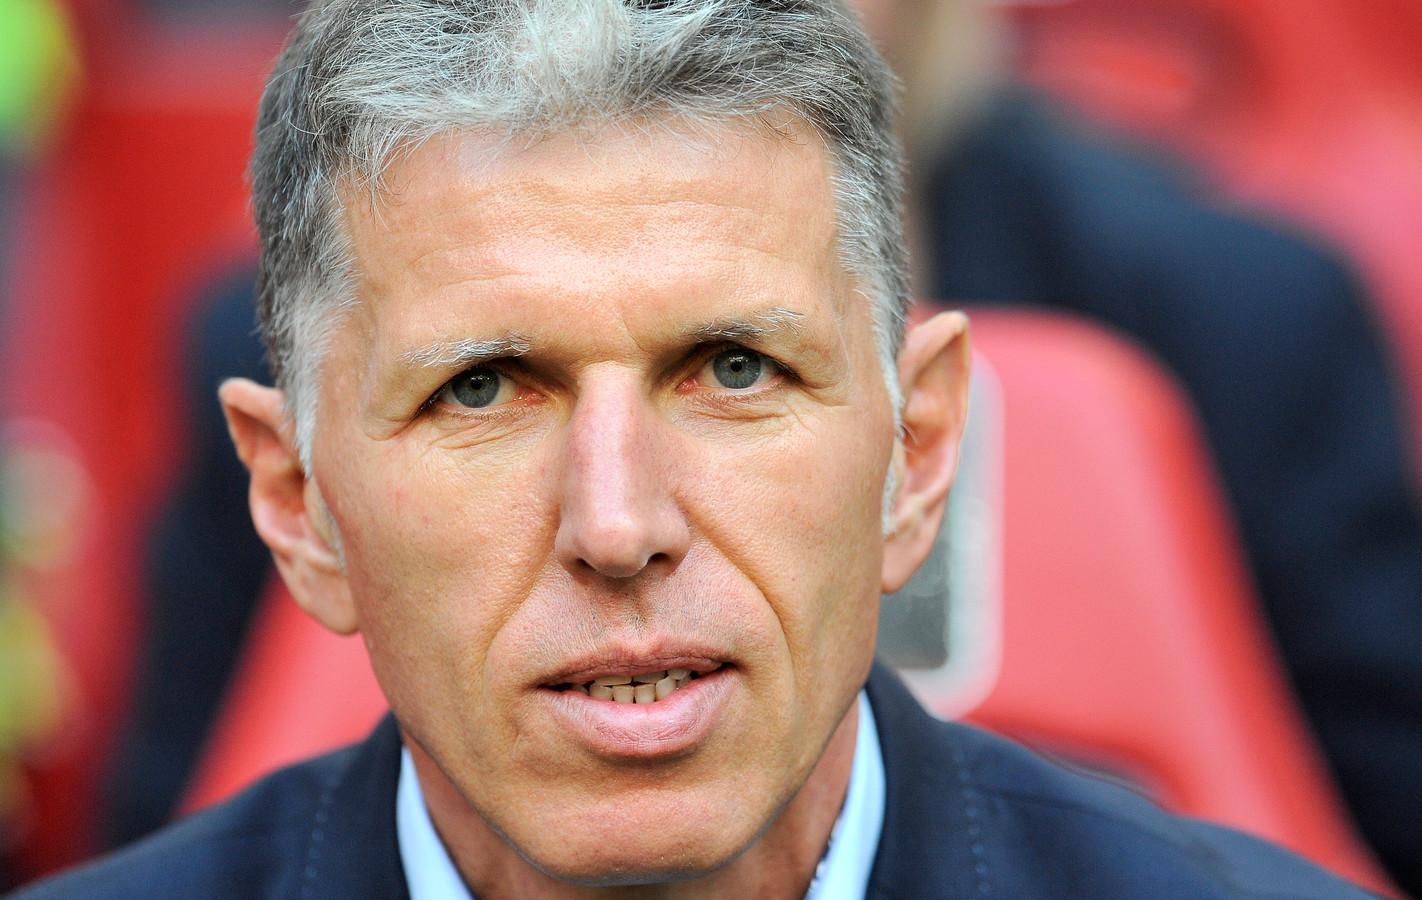 De beoogde nieuwe bondscoach van Tsjechië: Jaroslav Silhavy  Foto: Sander Chamid